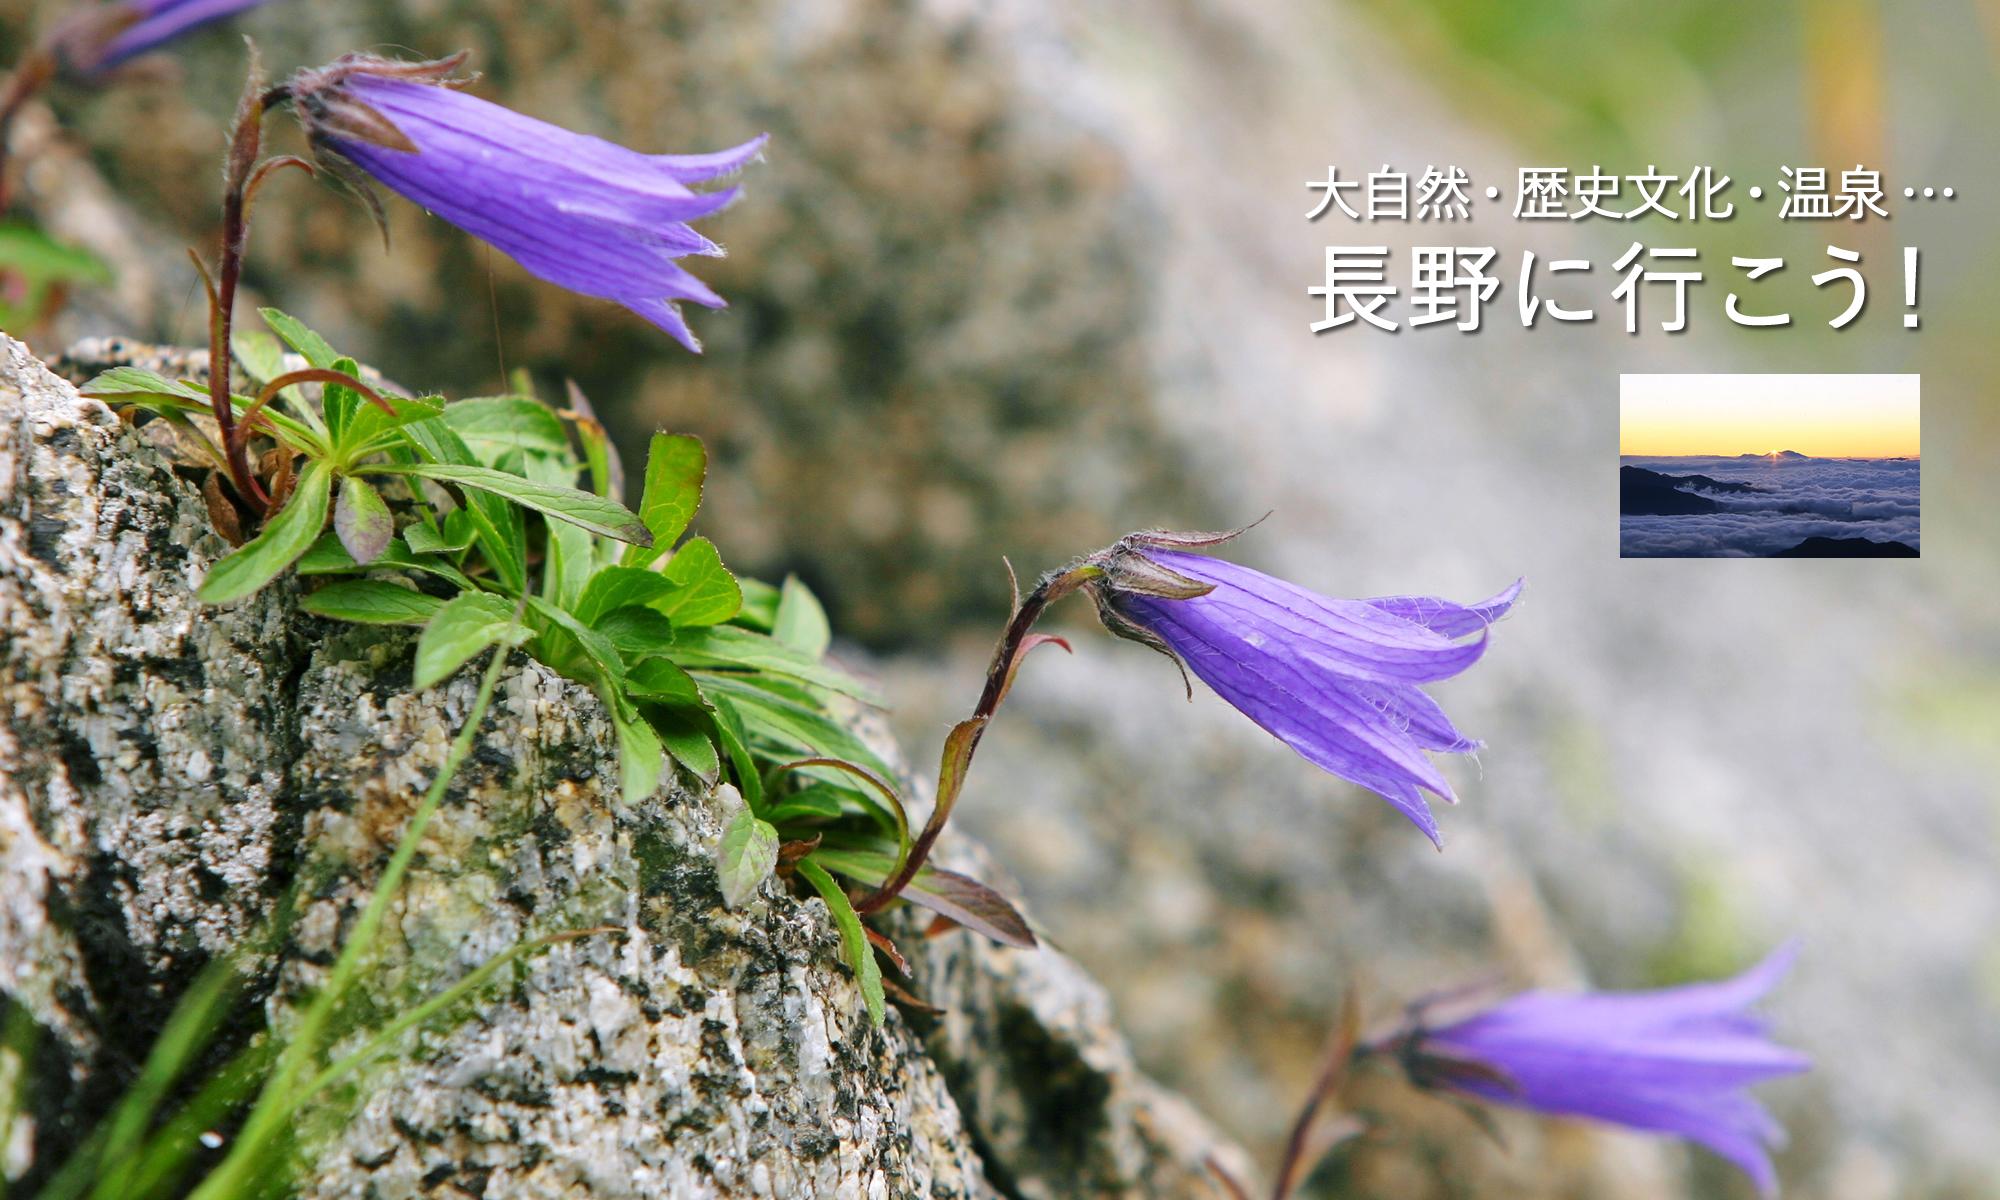 大自然が一番輝く季節